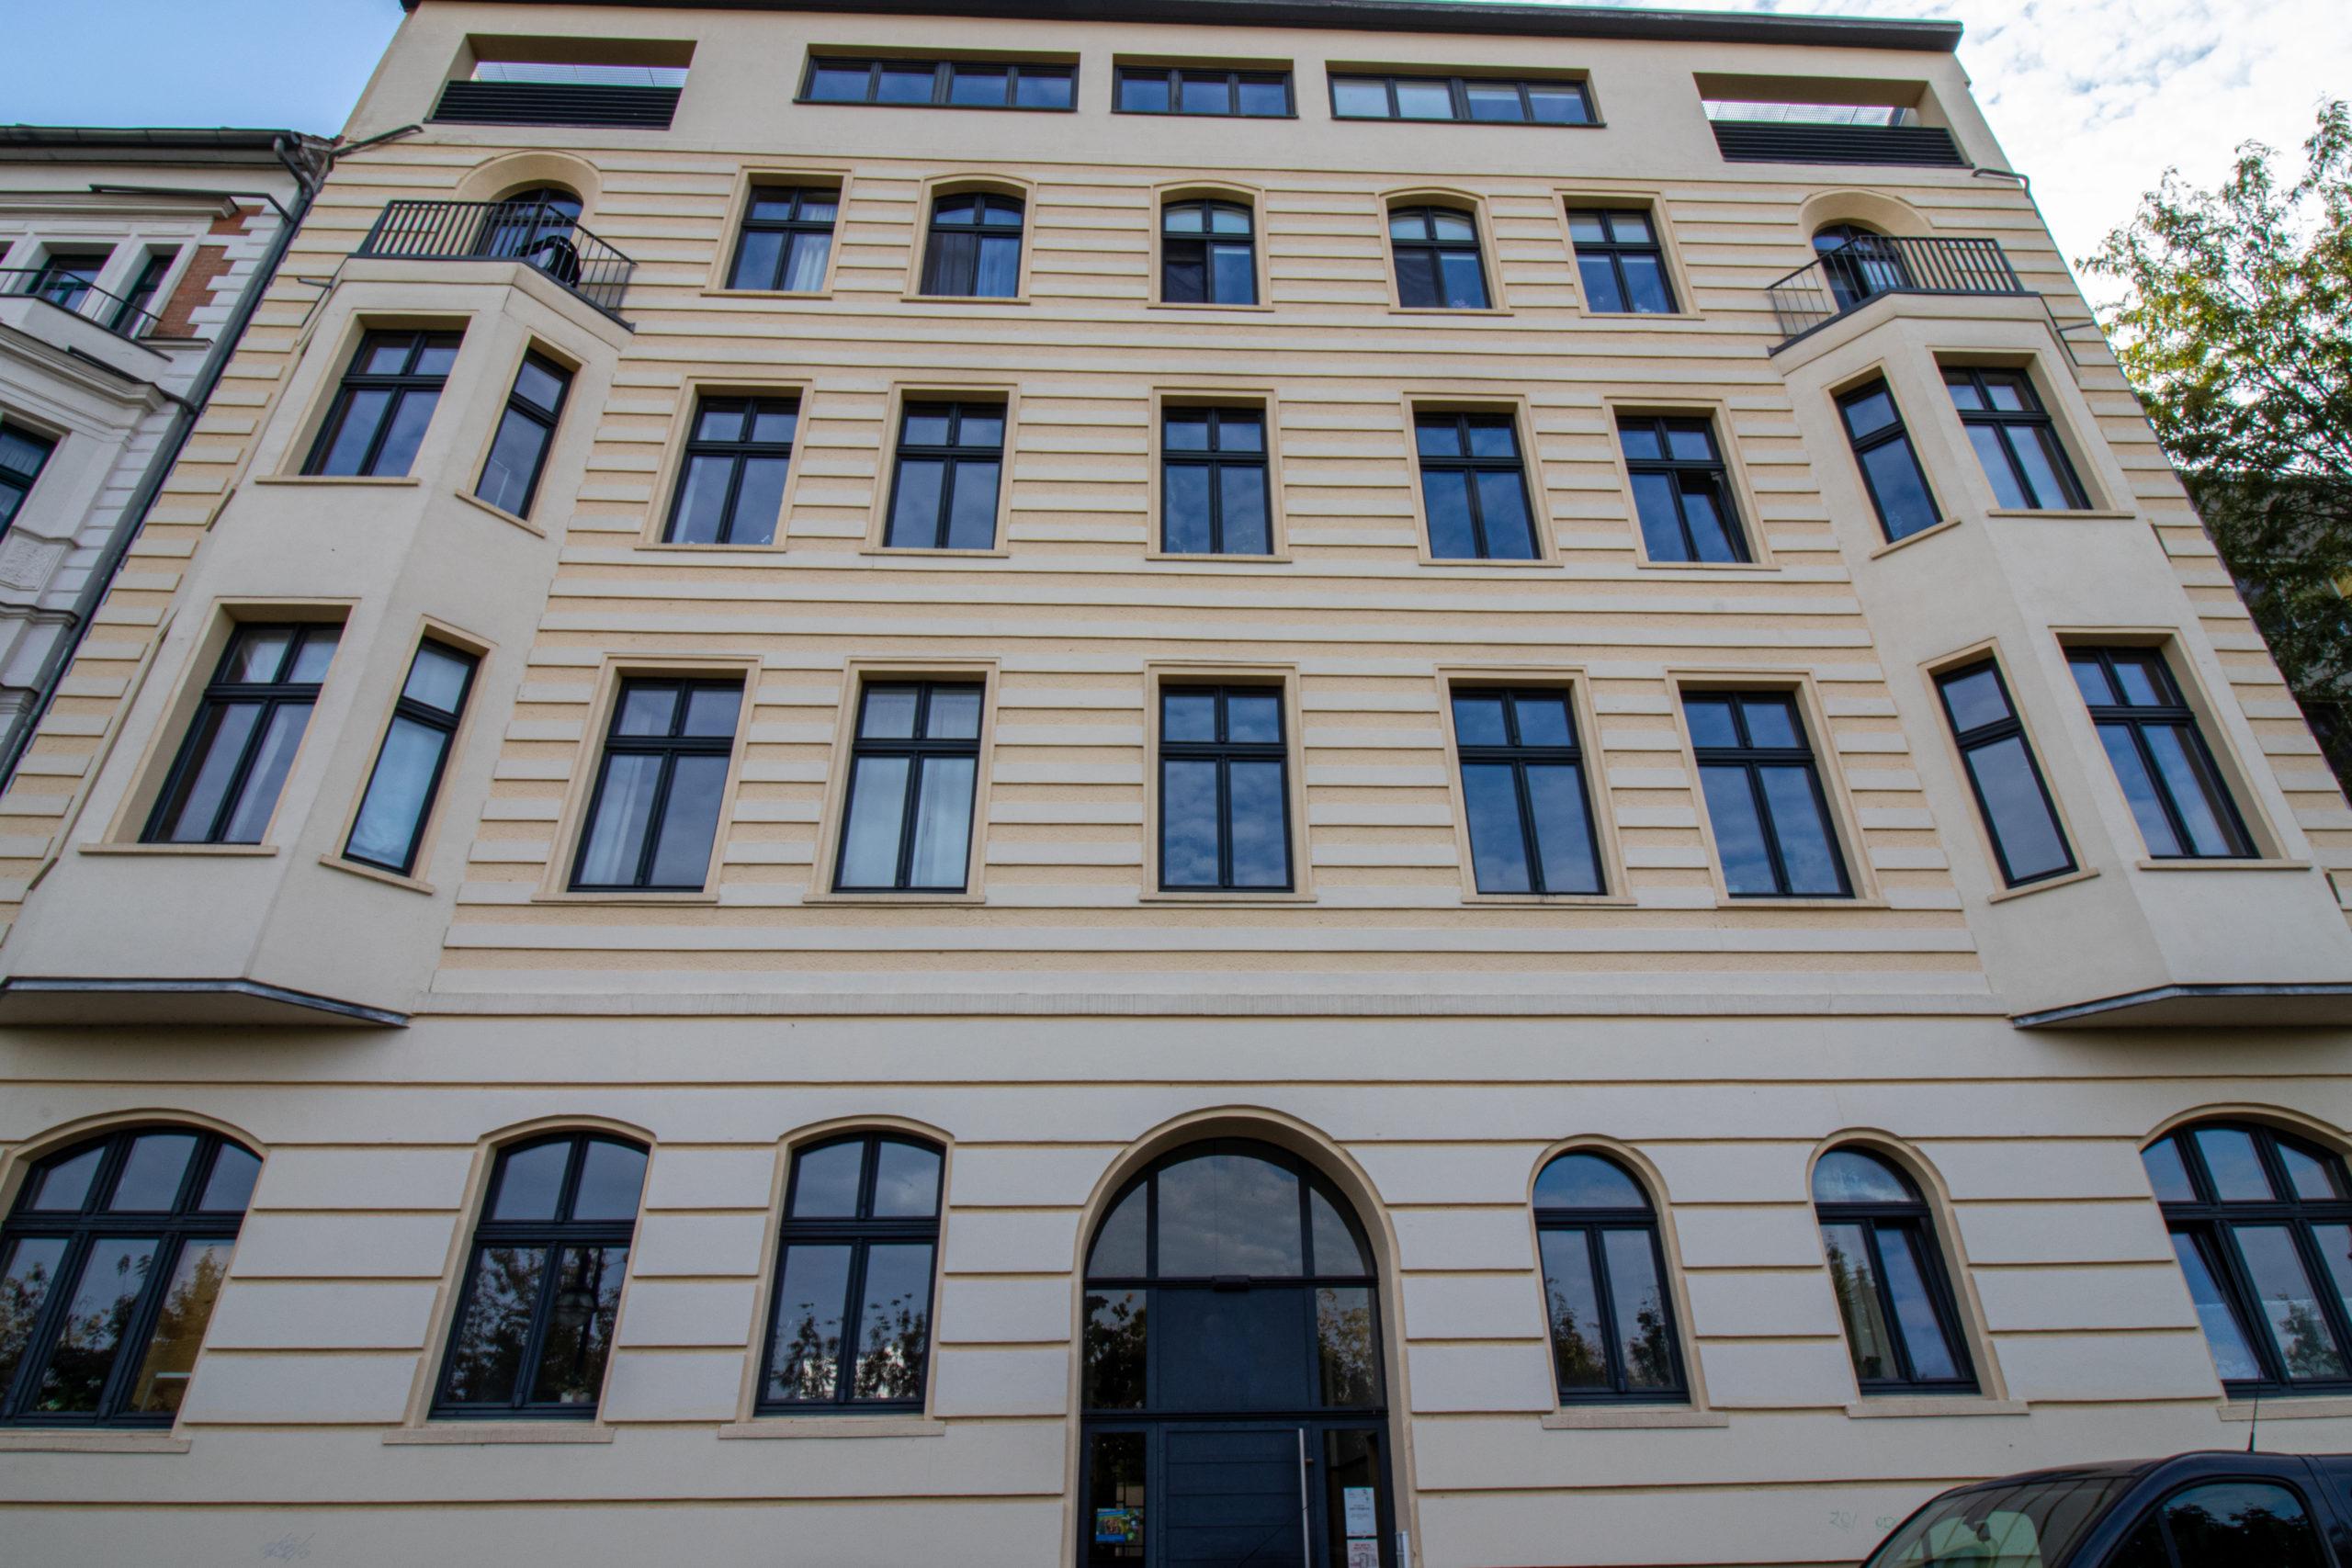 Elbblick: sanierte 1-Zimmer-Wohnung mit gehobener Innenausstattung zum Kauf in Magdeburg